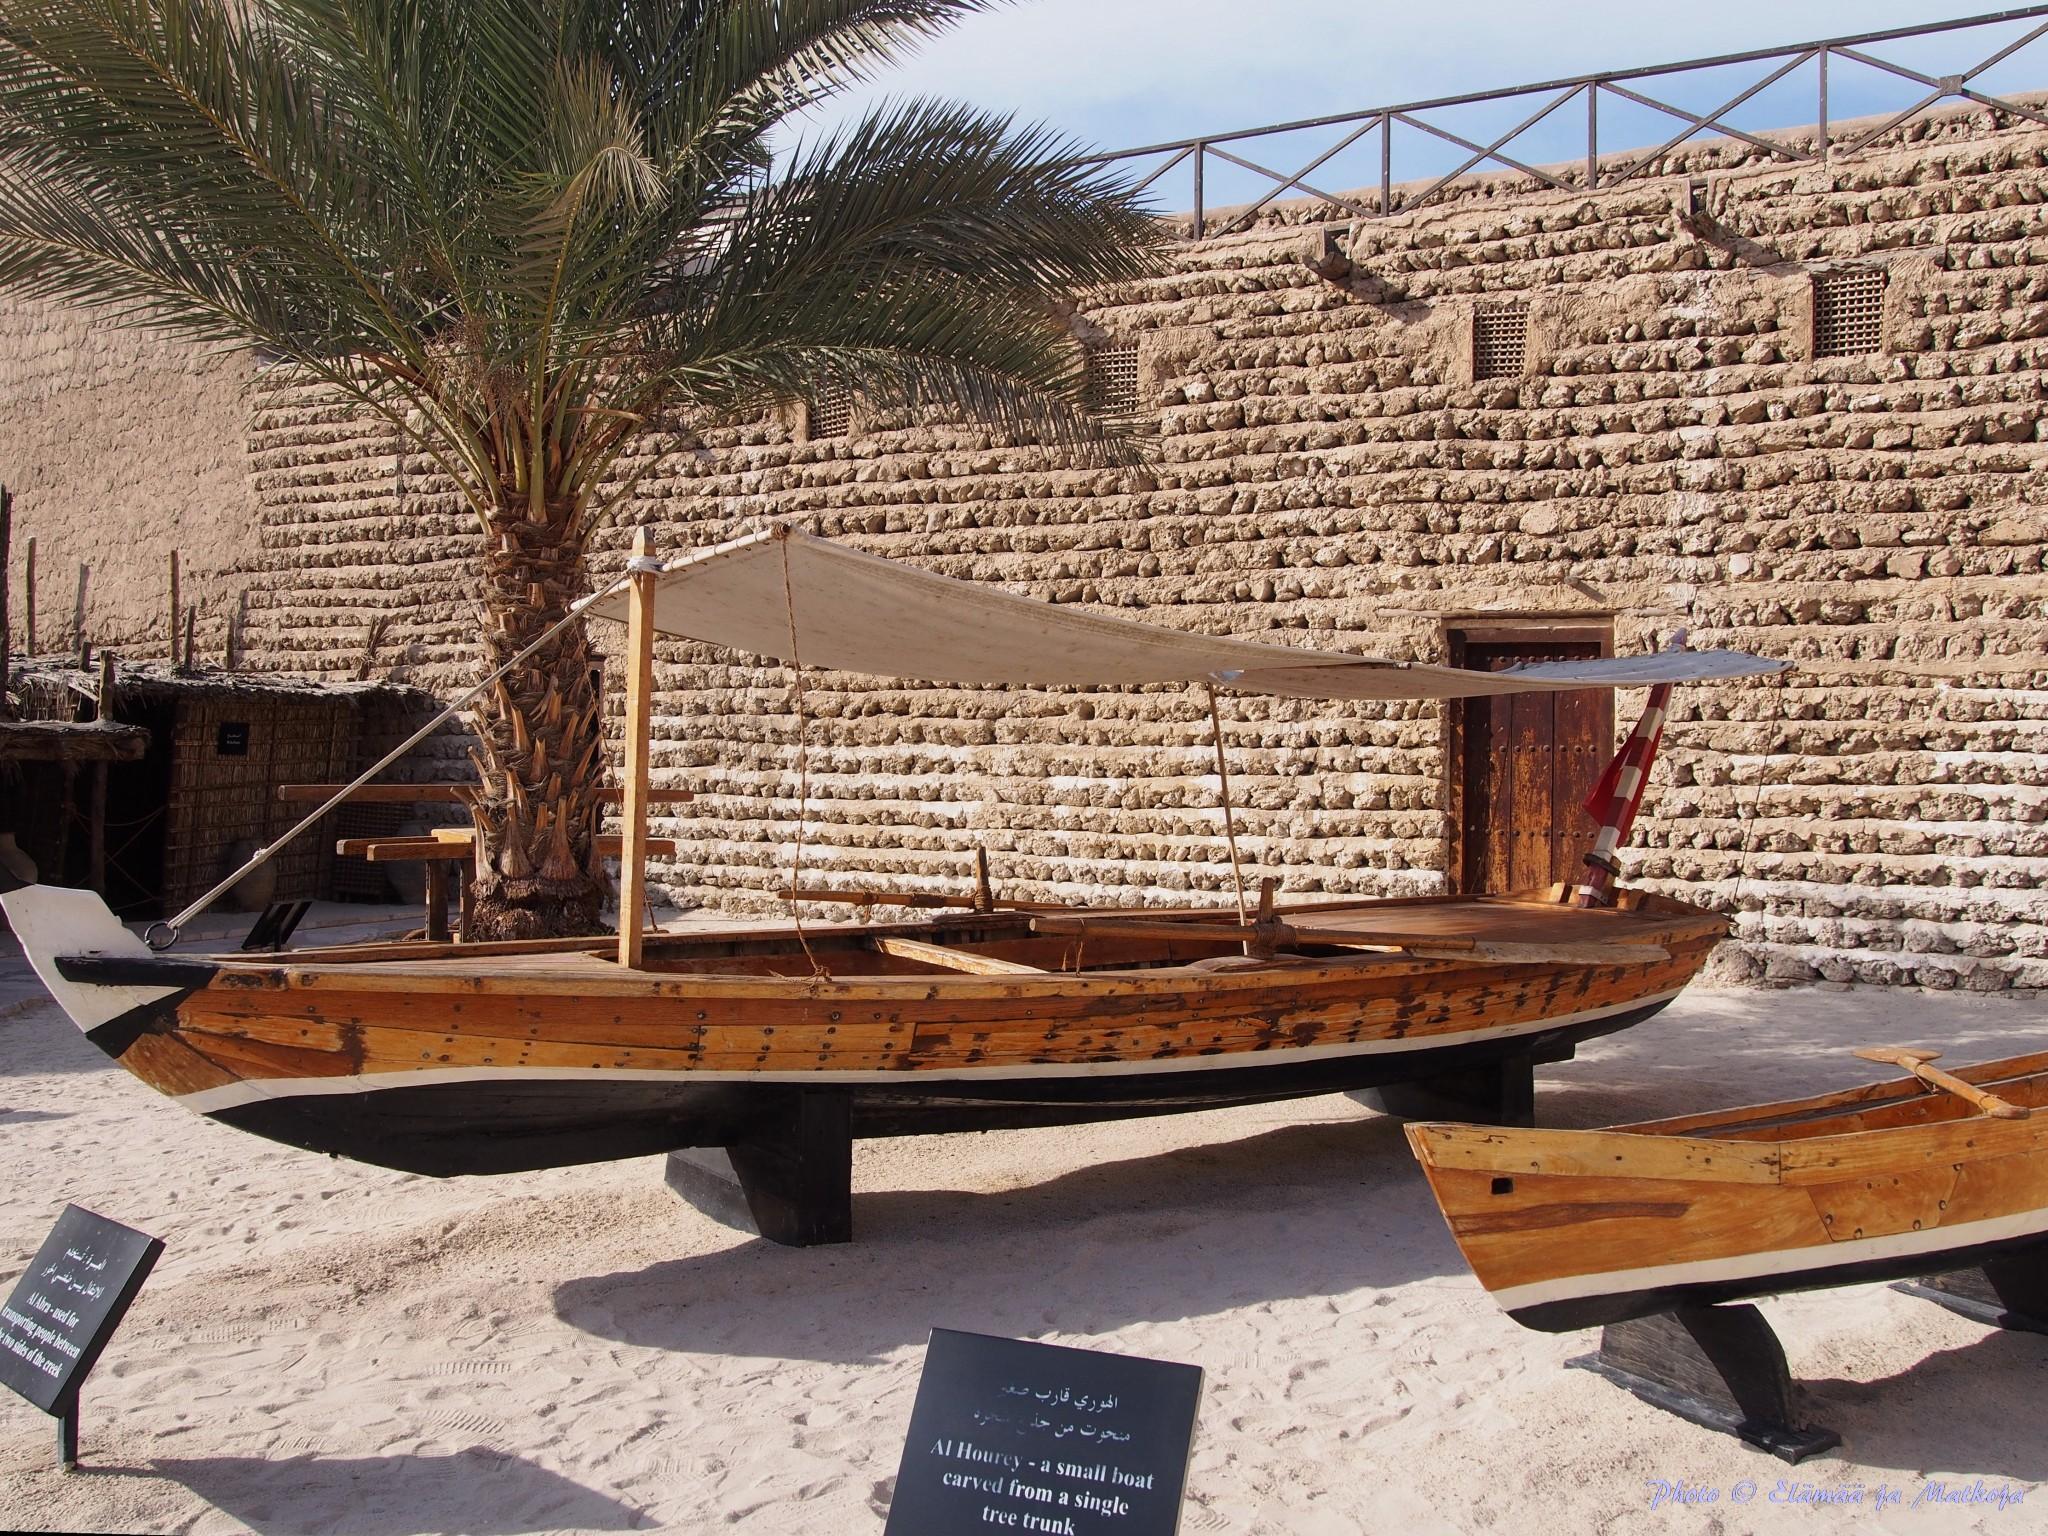 Dubai Museum Photo © Elämää ja Matkoja